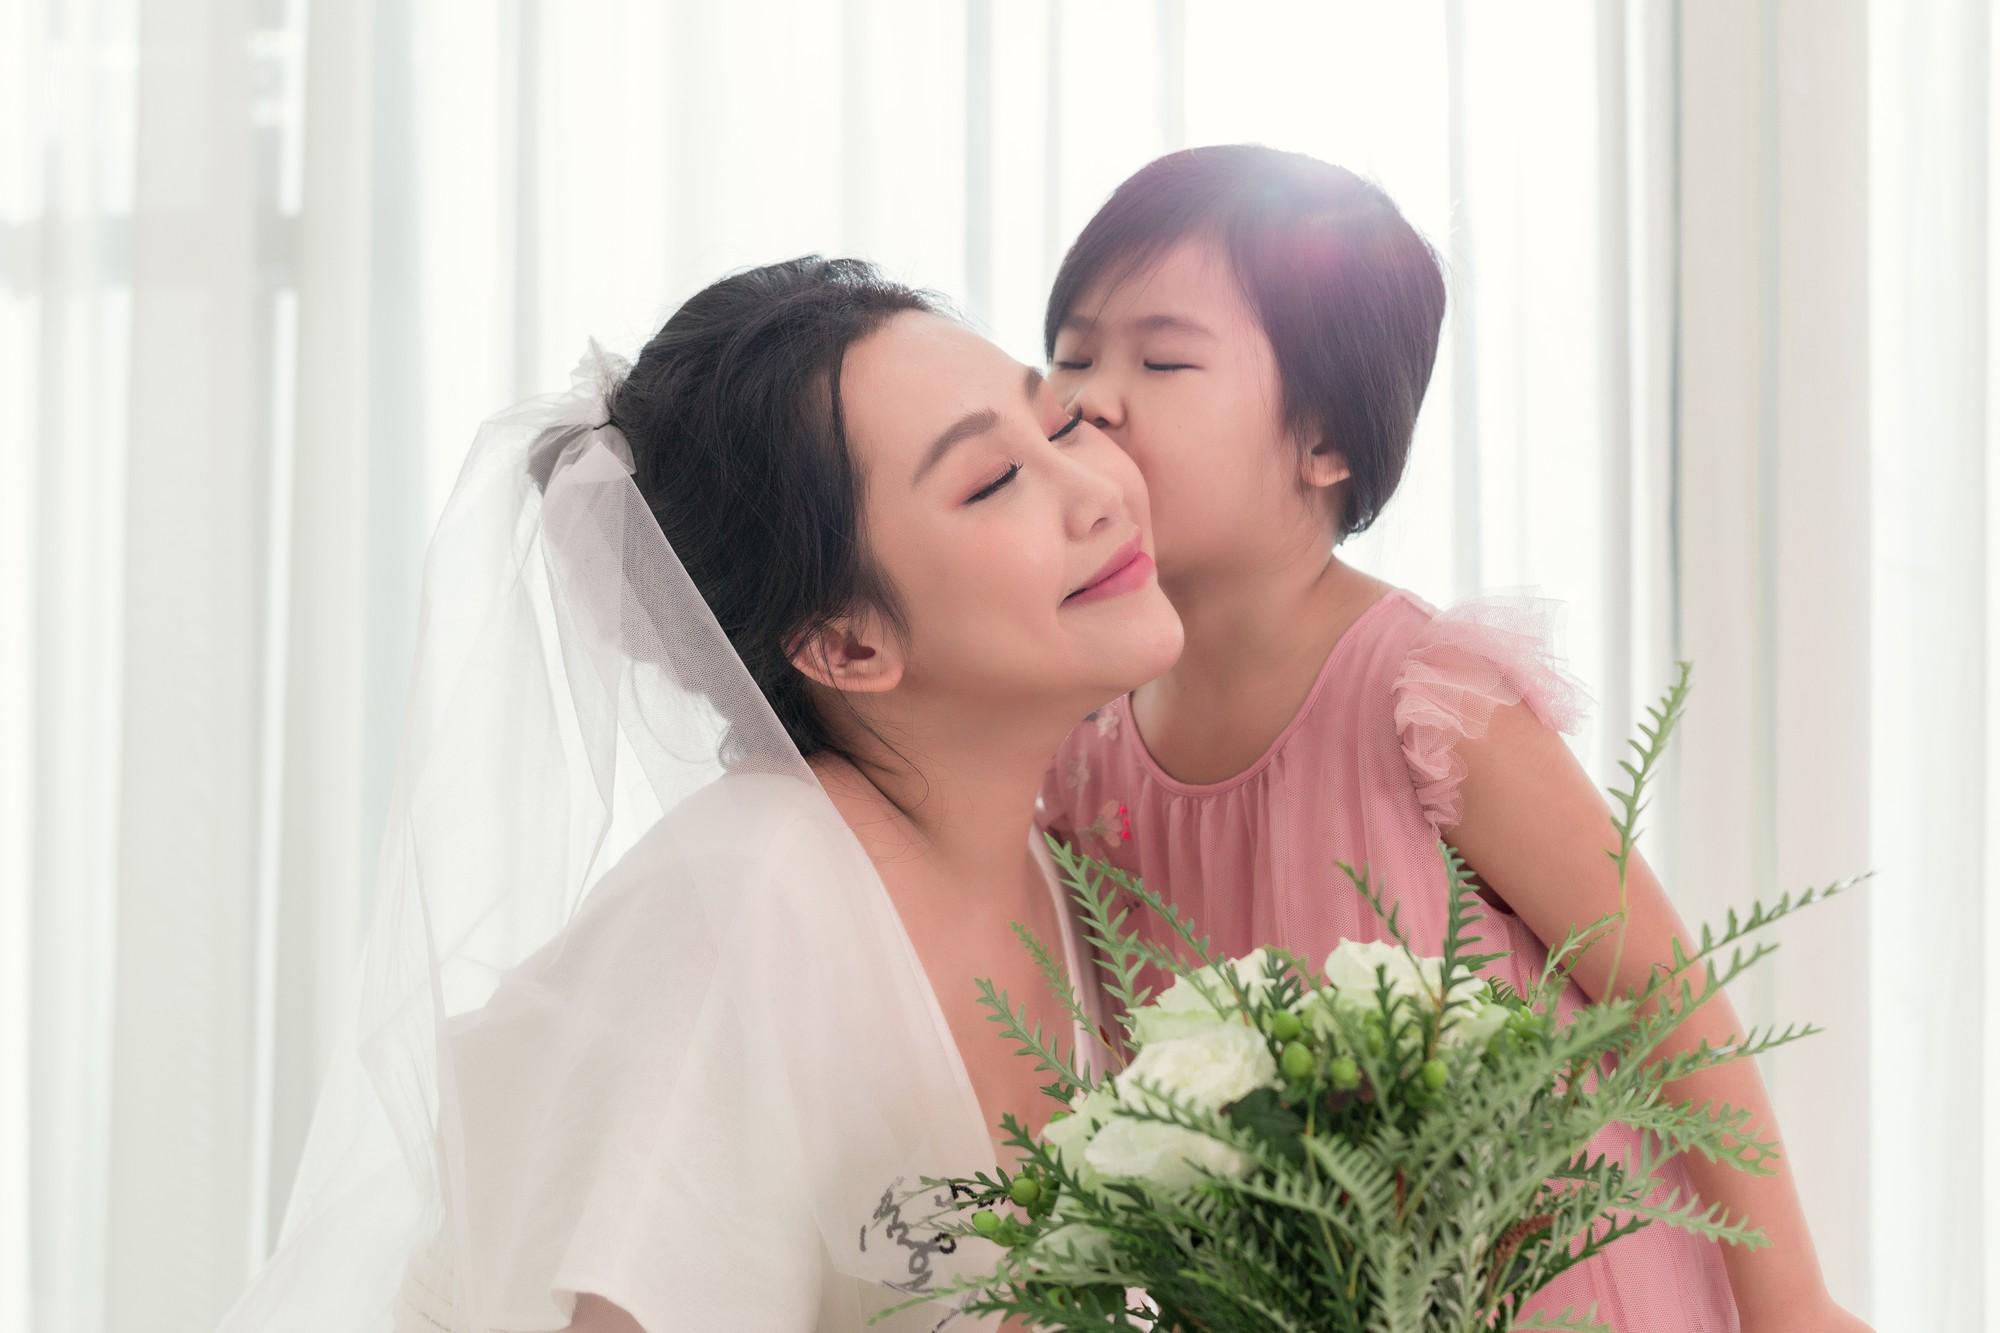 Gào khoe bộ ảnh cưới siêu hạnh phúc cùng chồng và 3 em bé - Ảnh 12.